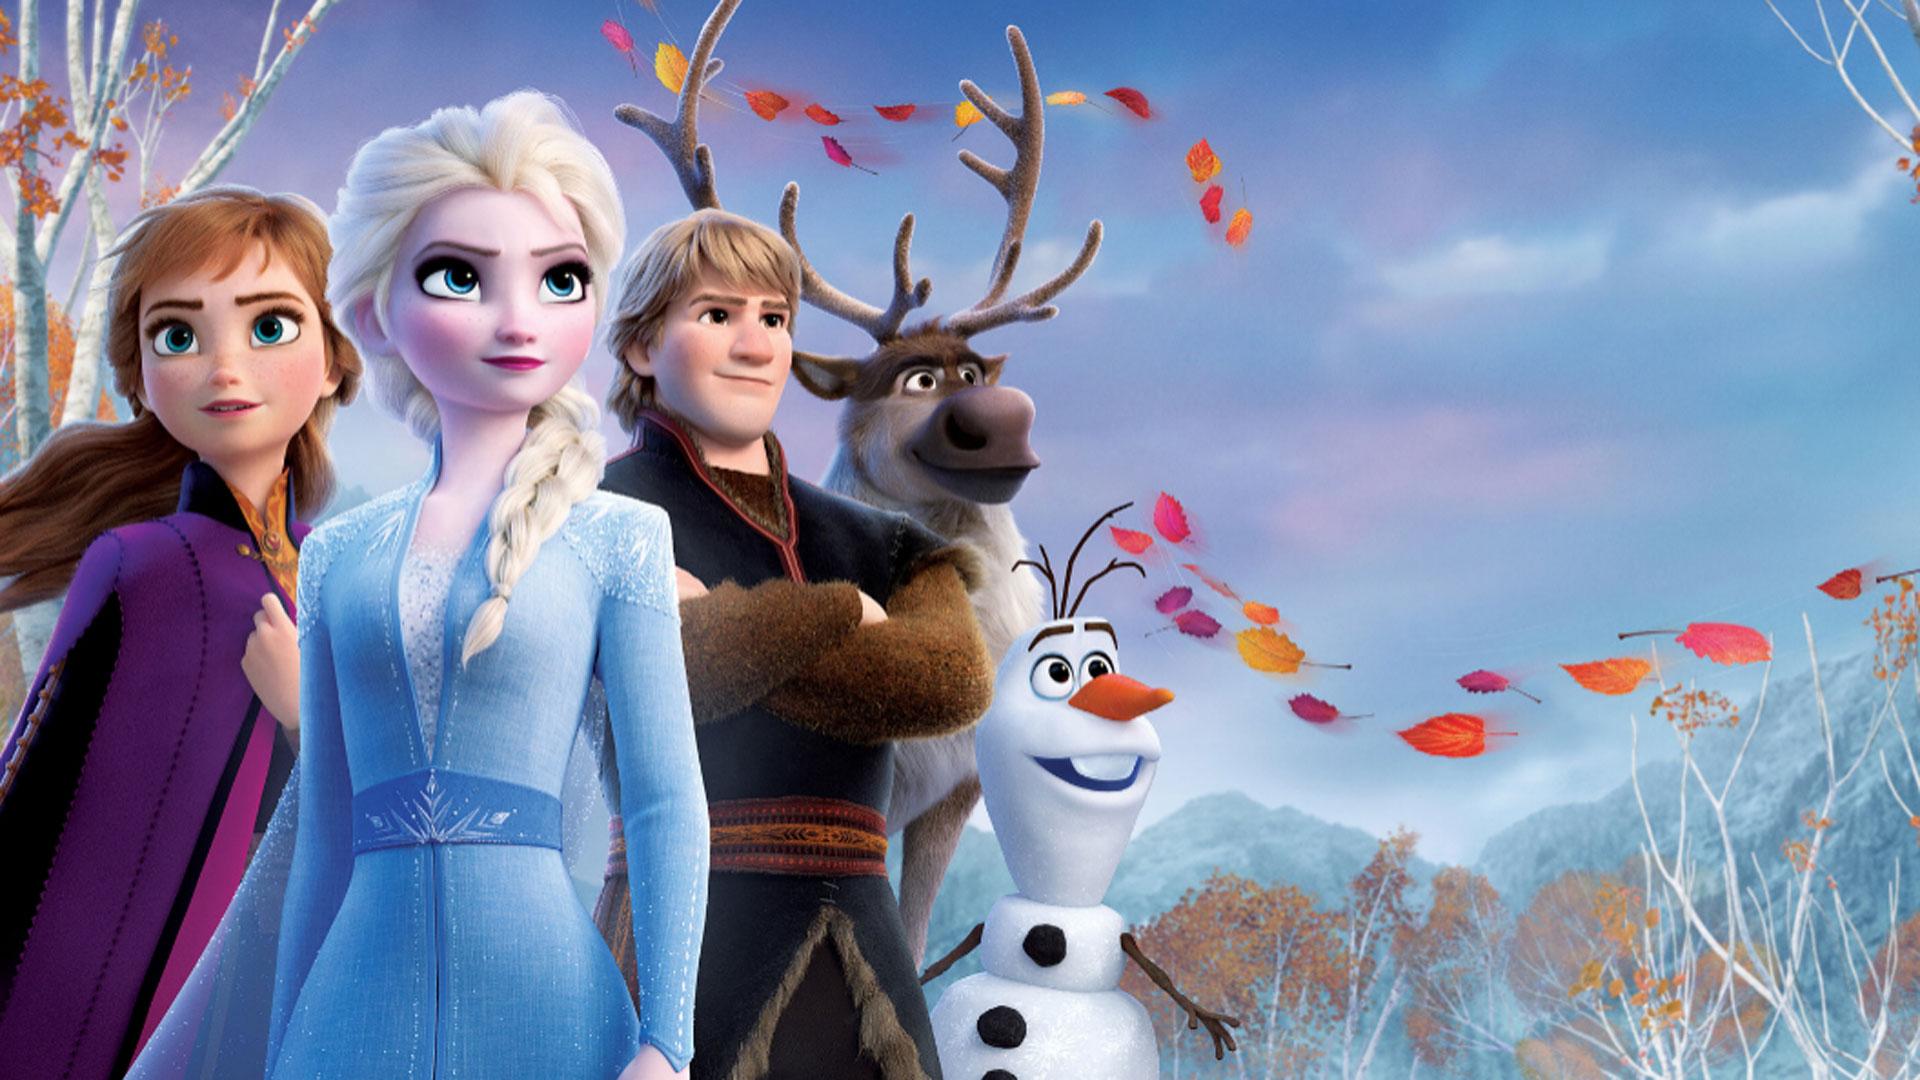 Analisis De Frozen 2 El Filme Demuestra Que A Veces Las